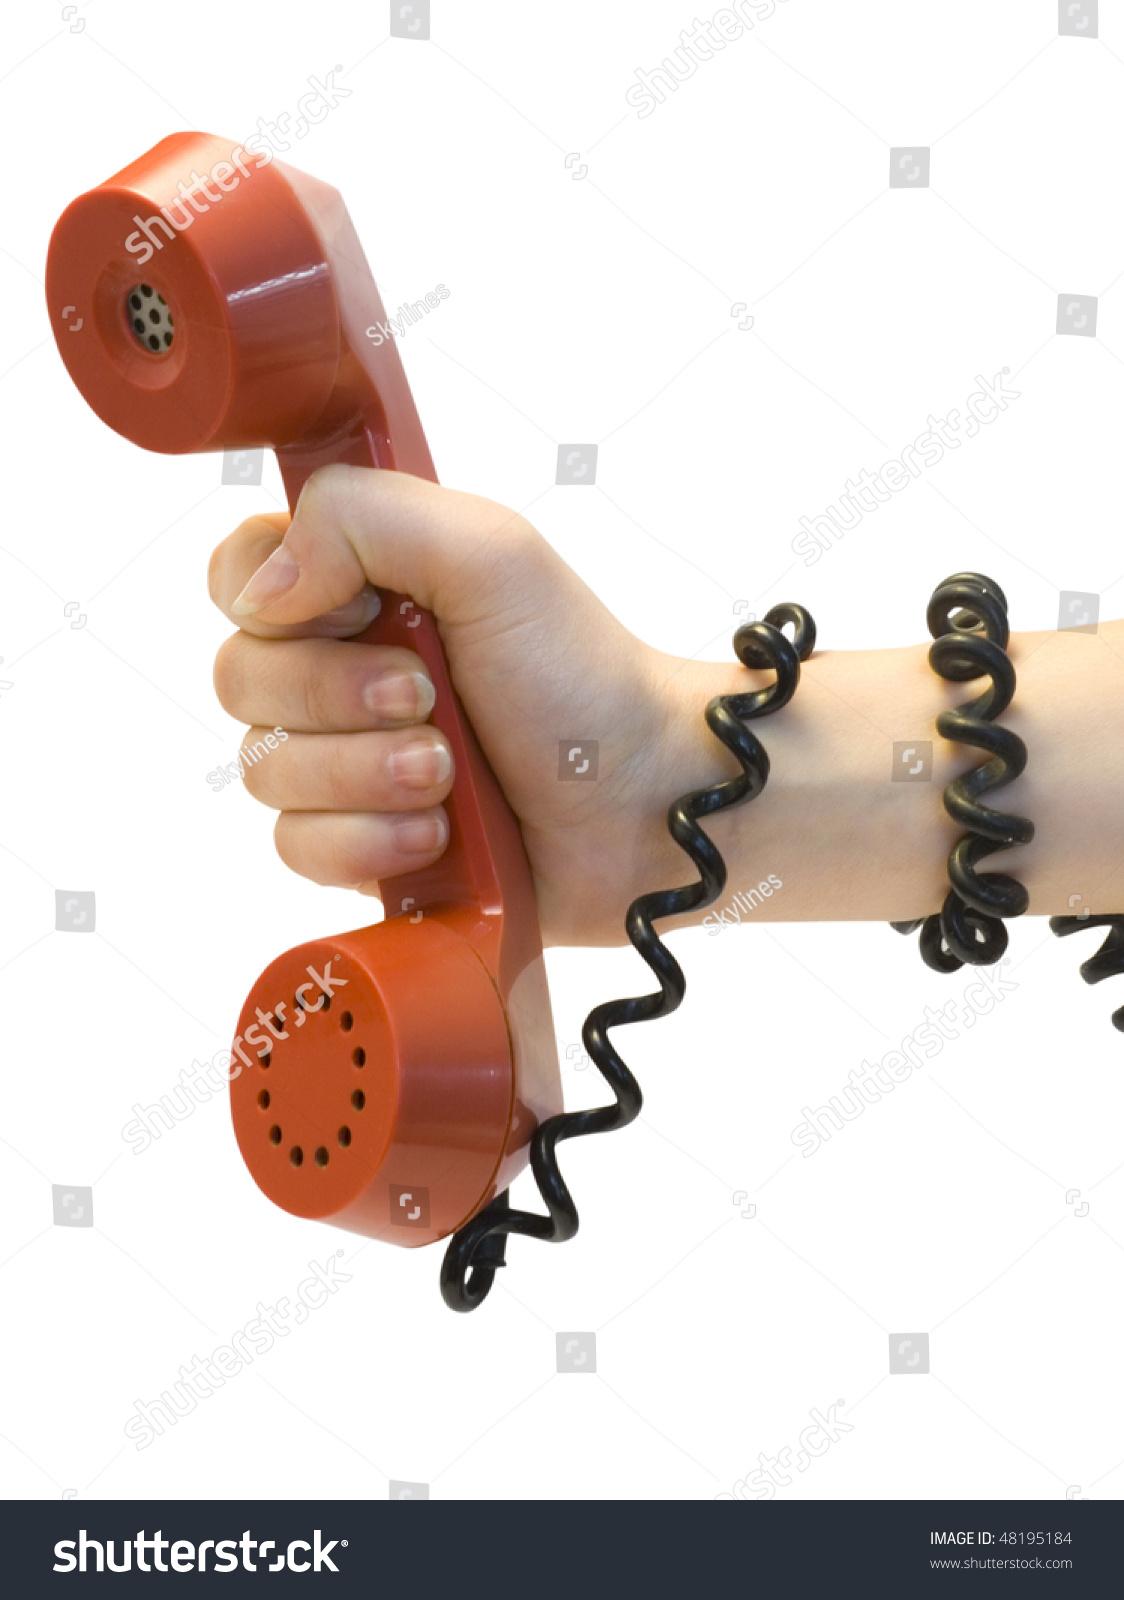 Dam redtube phone her dirty